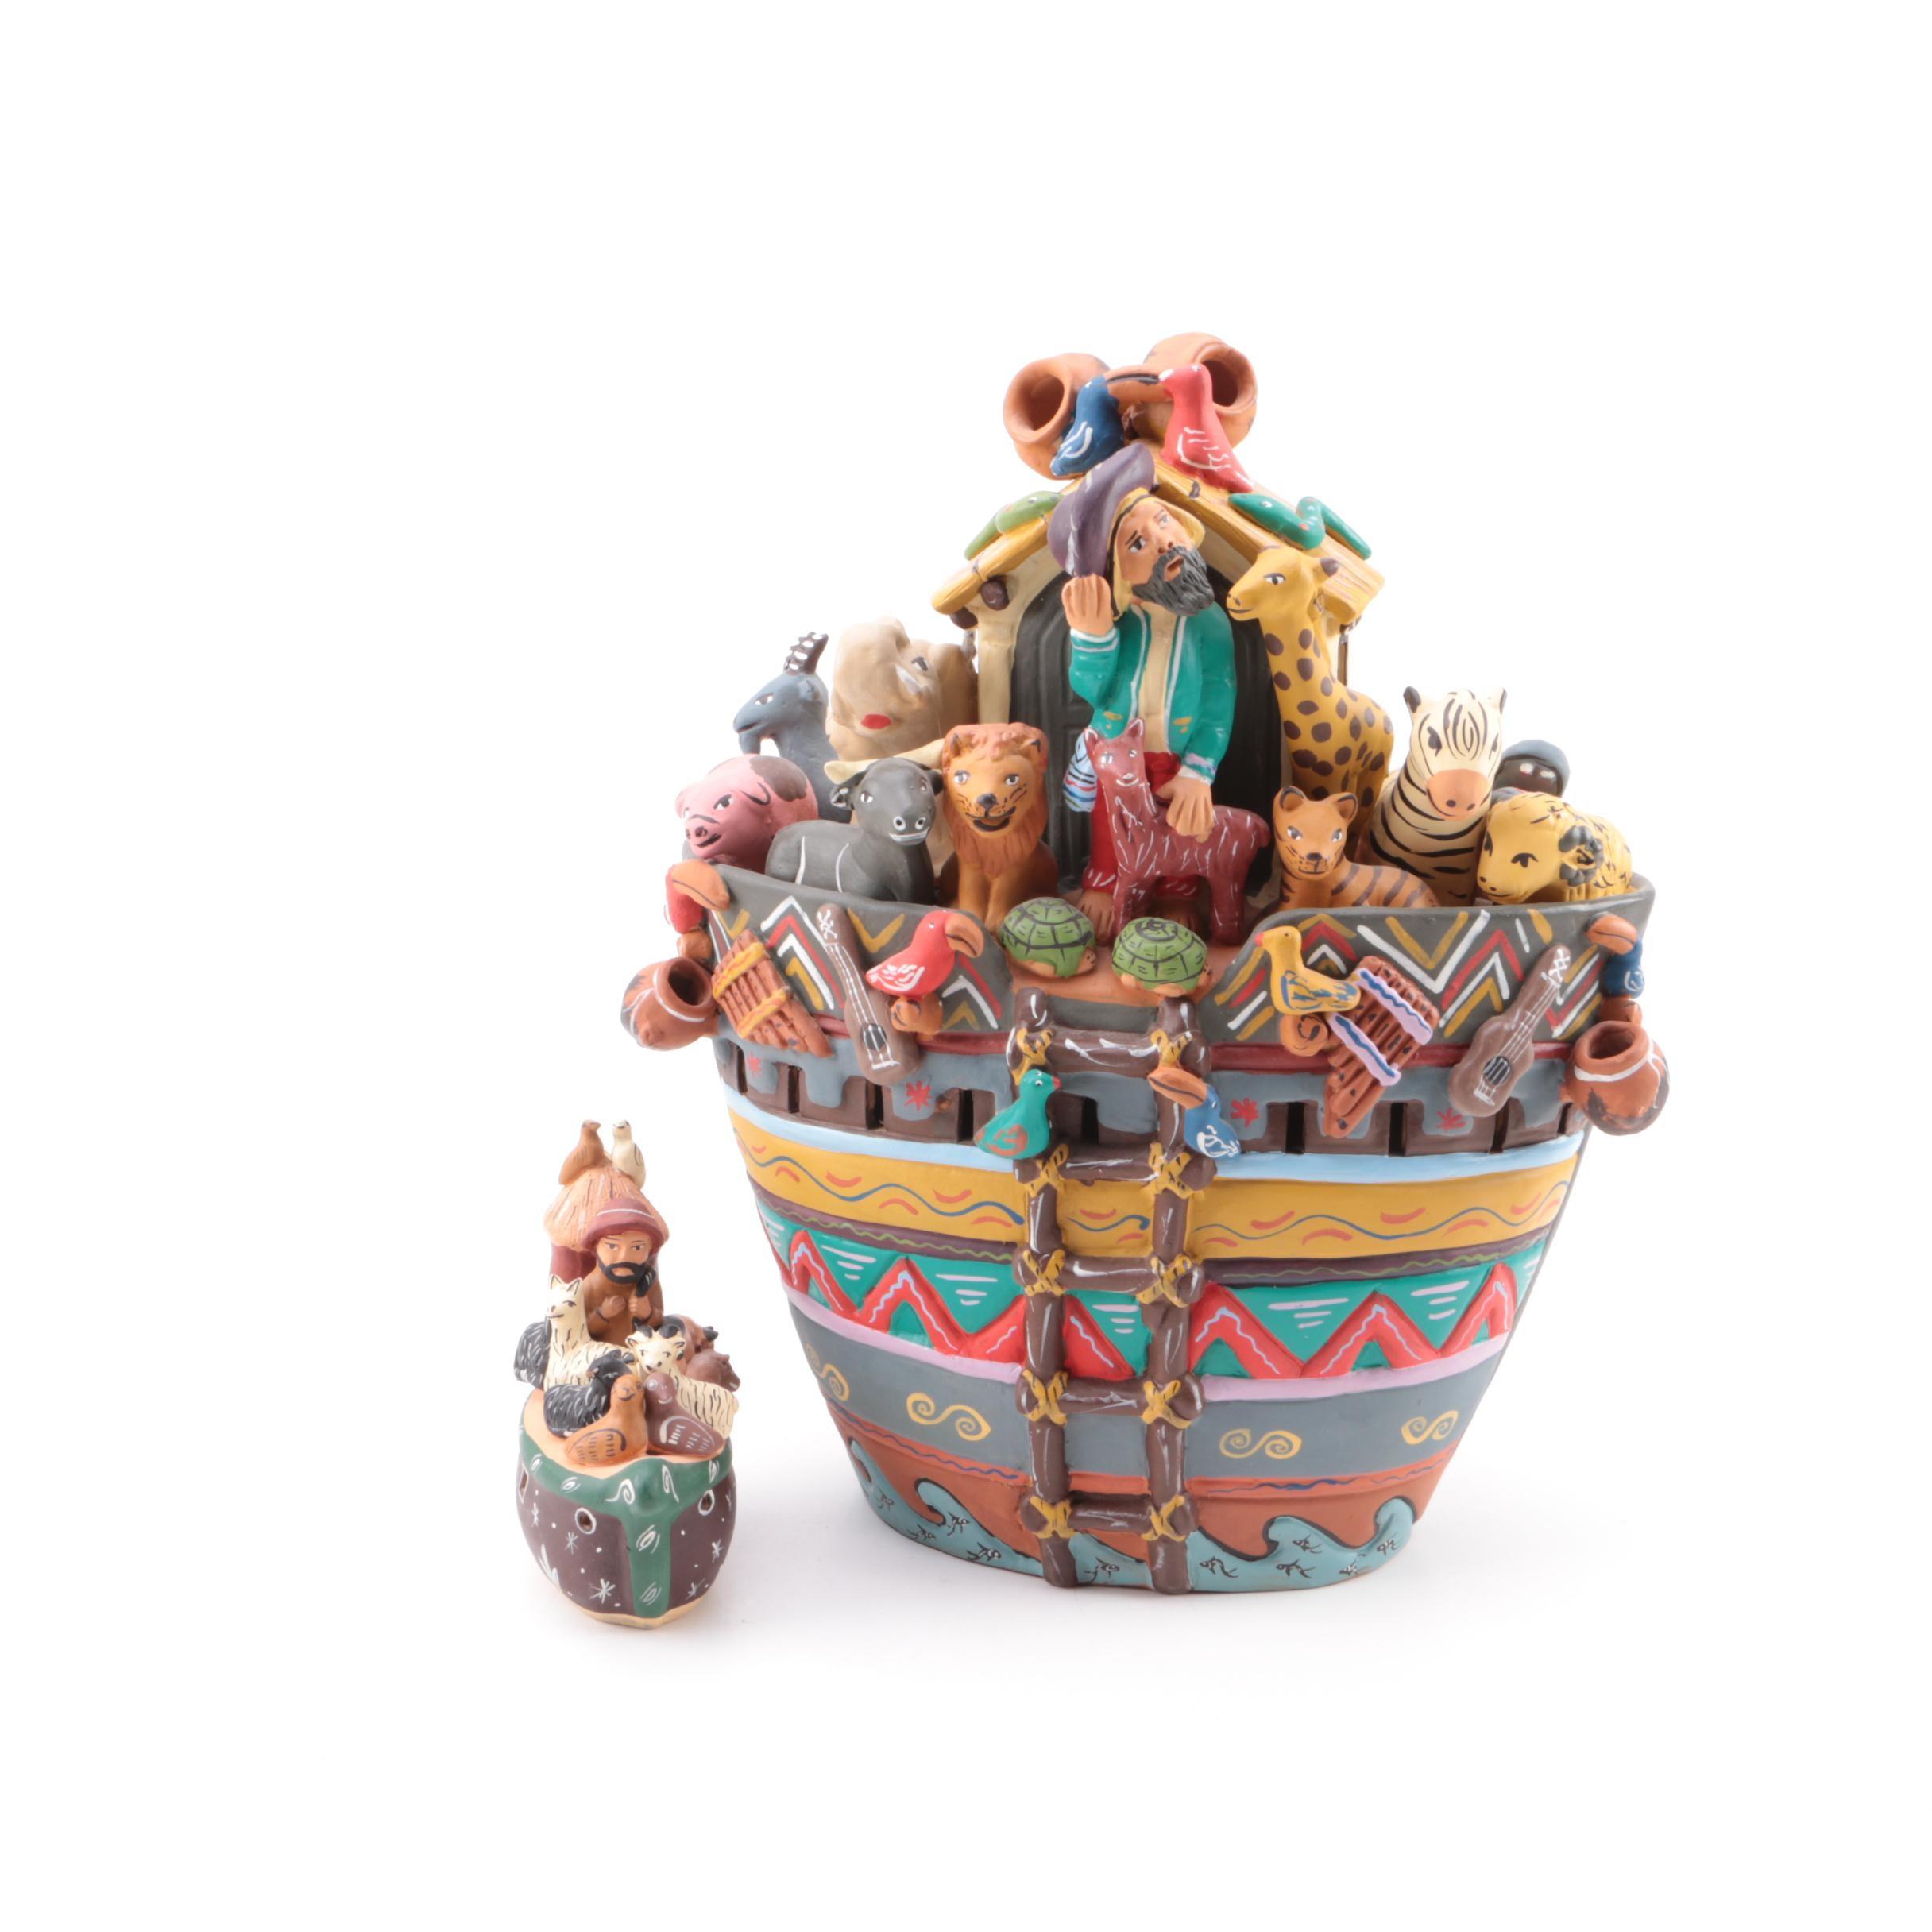 Handbuilt and Hand-Painted Earthenware Noah's Ark Sculpture